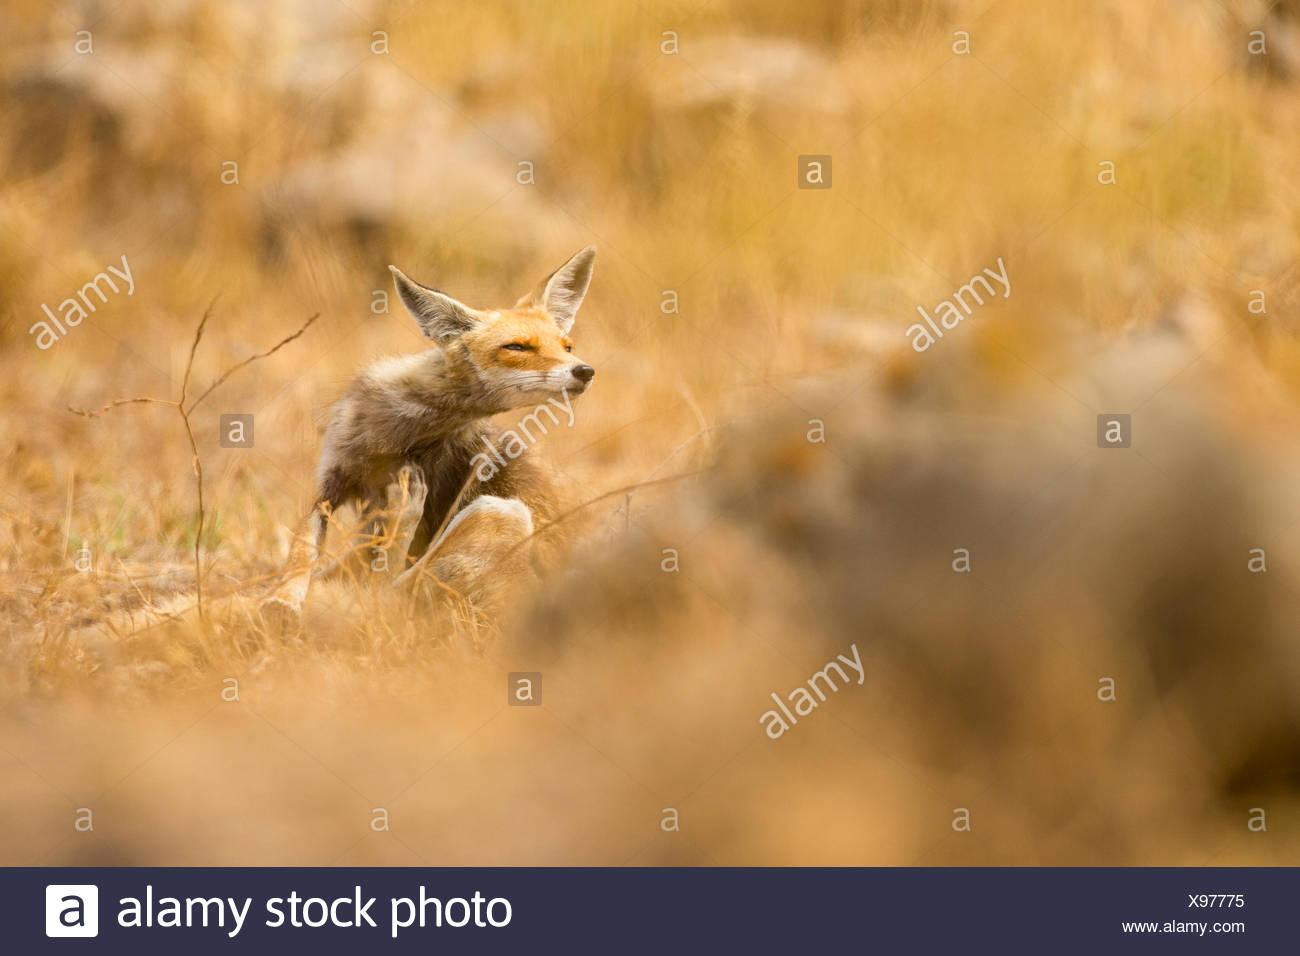 El Zorro Rojo (Vulpes vulpes). El zorro rojo es el mayor de los verdaderos zorros, así como siendo el más extendido geográficamente miembro de Imagen De Stock